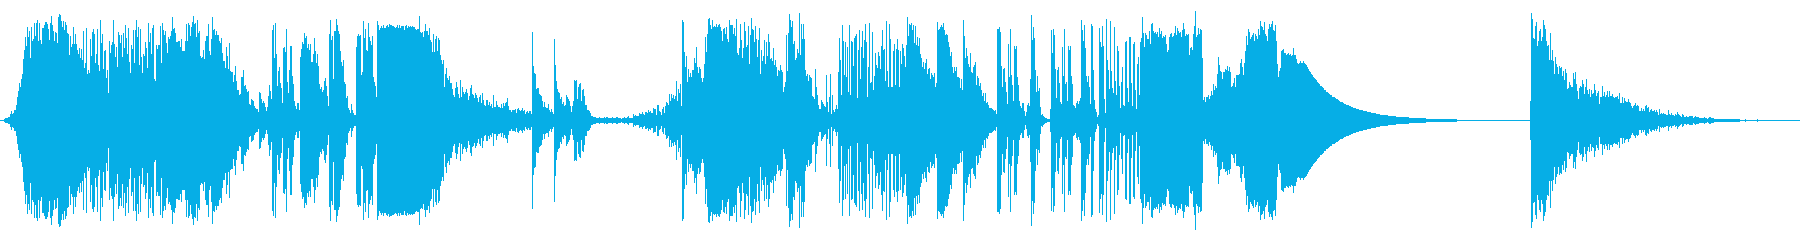 CRAZY CARTOON COM...の再生済みの波形